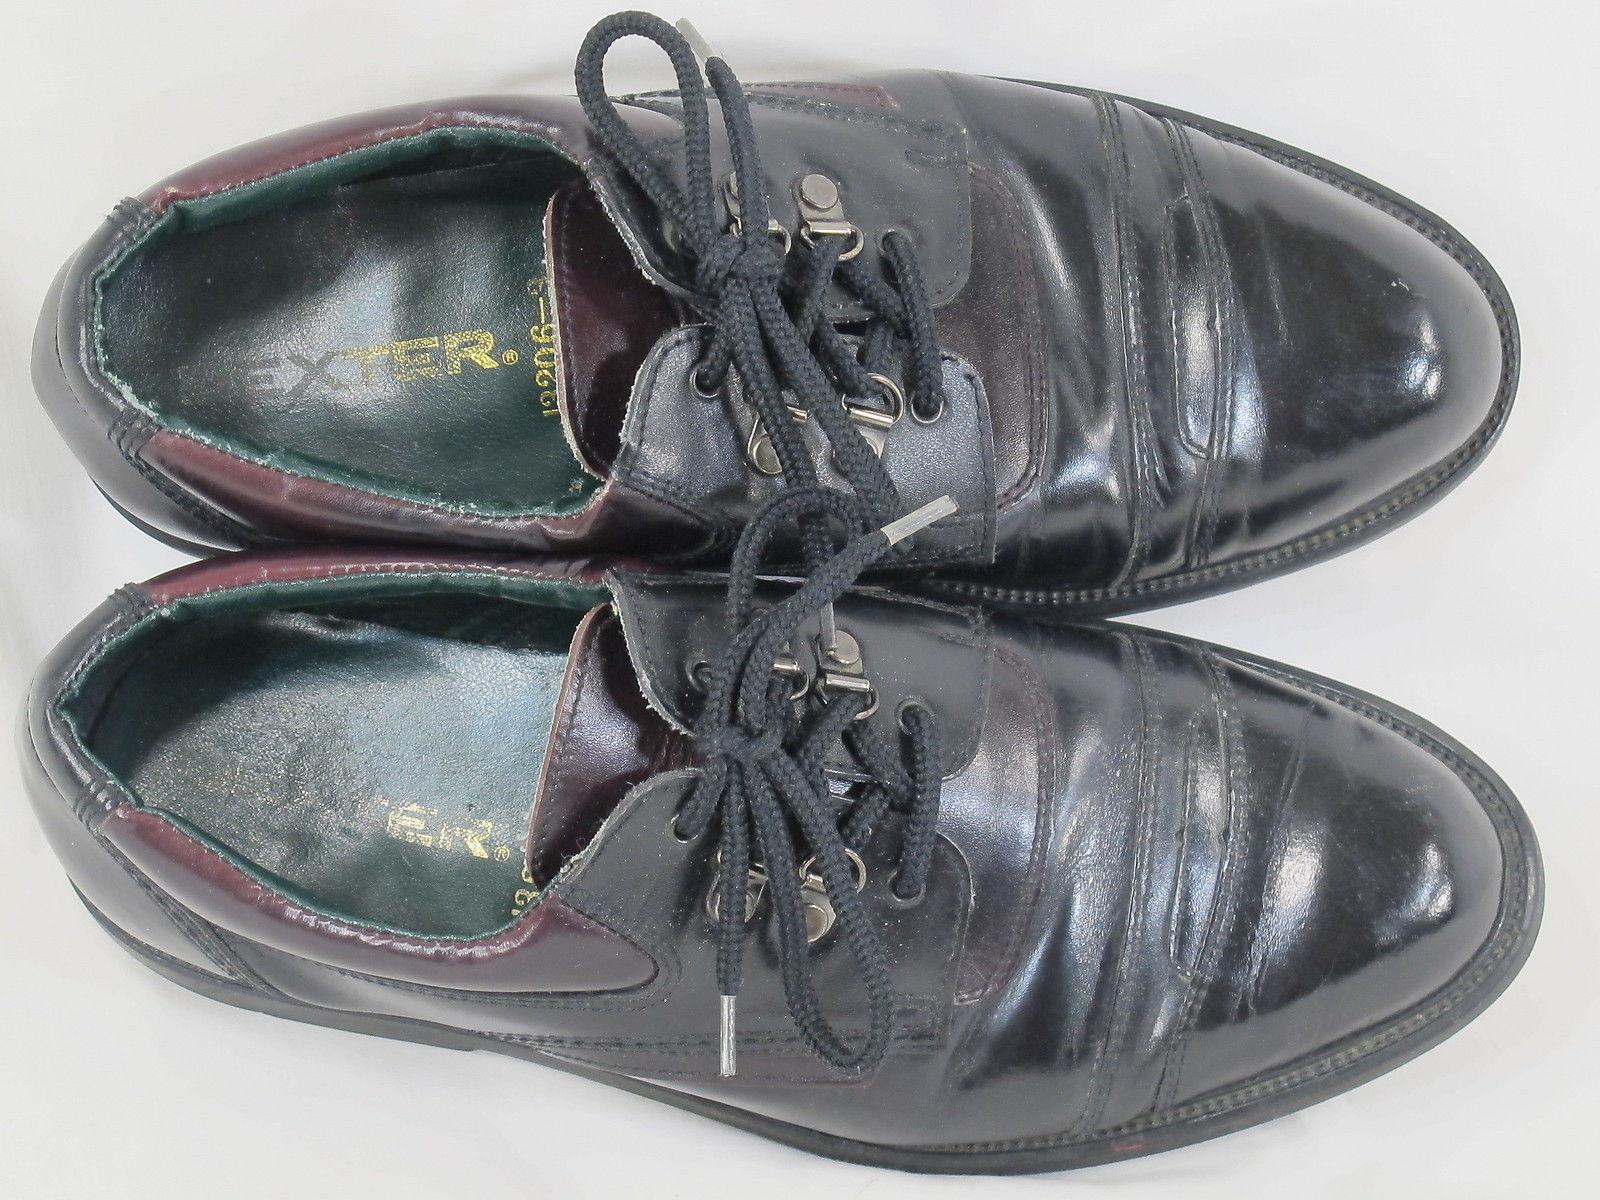 Dexter Black & Dark Cordovan Leather Oxford Shoes Size 8.5 D US EUC